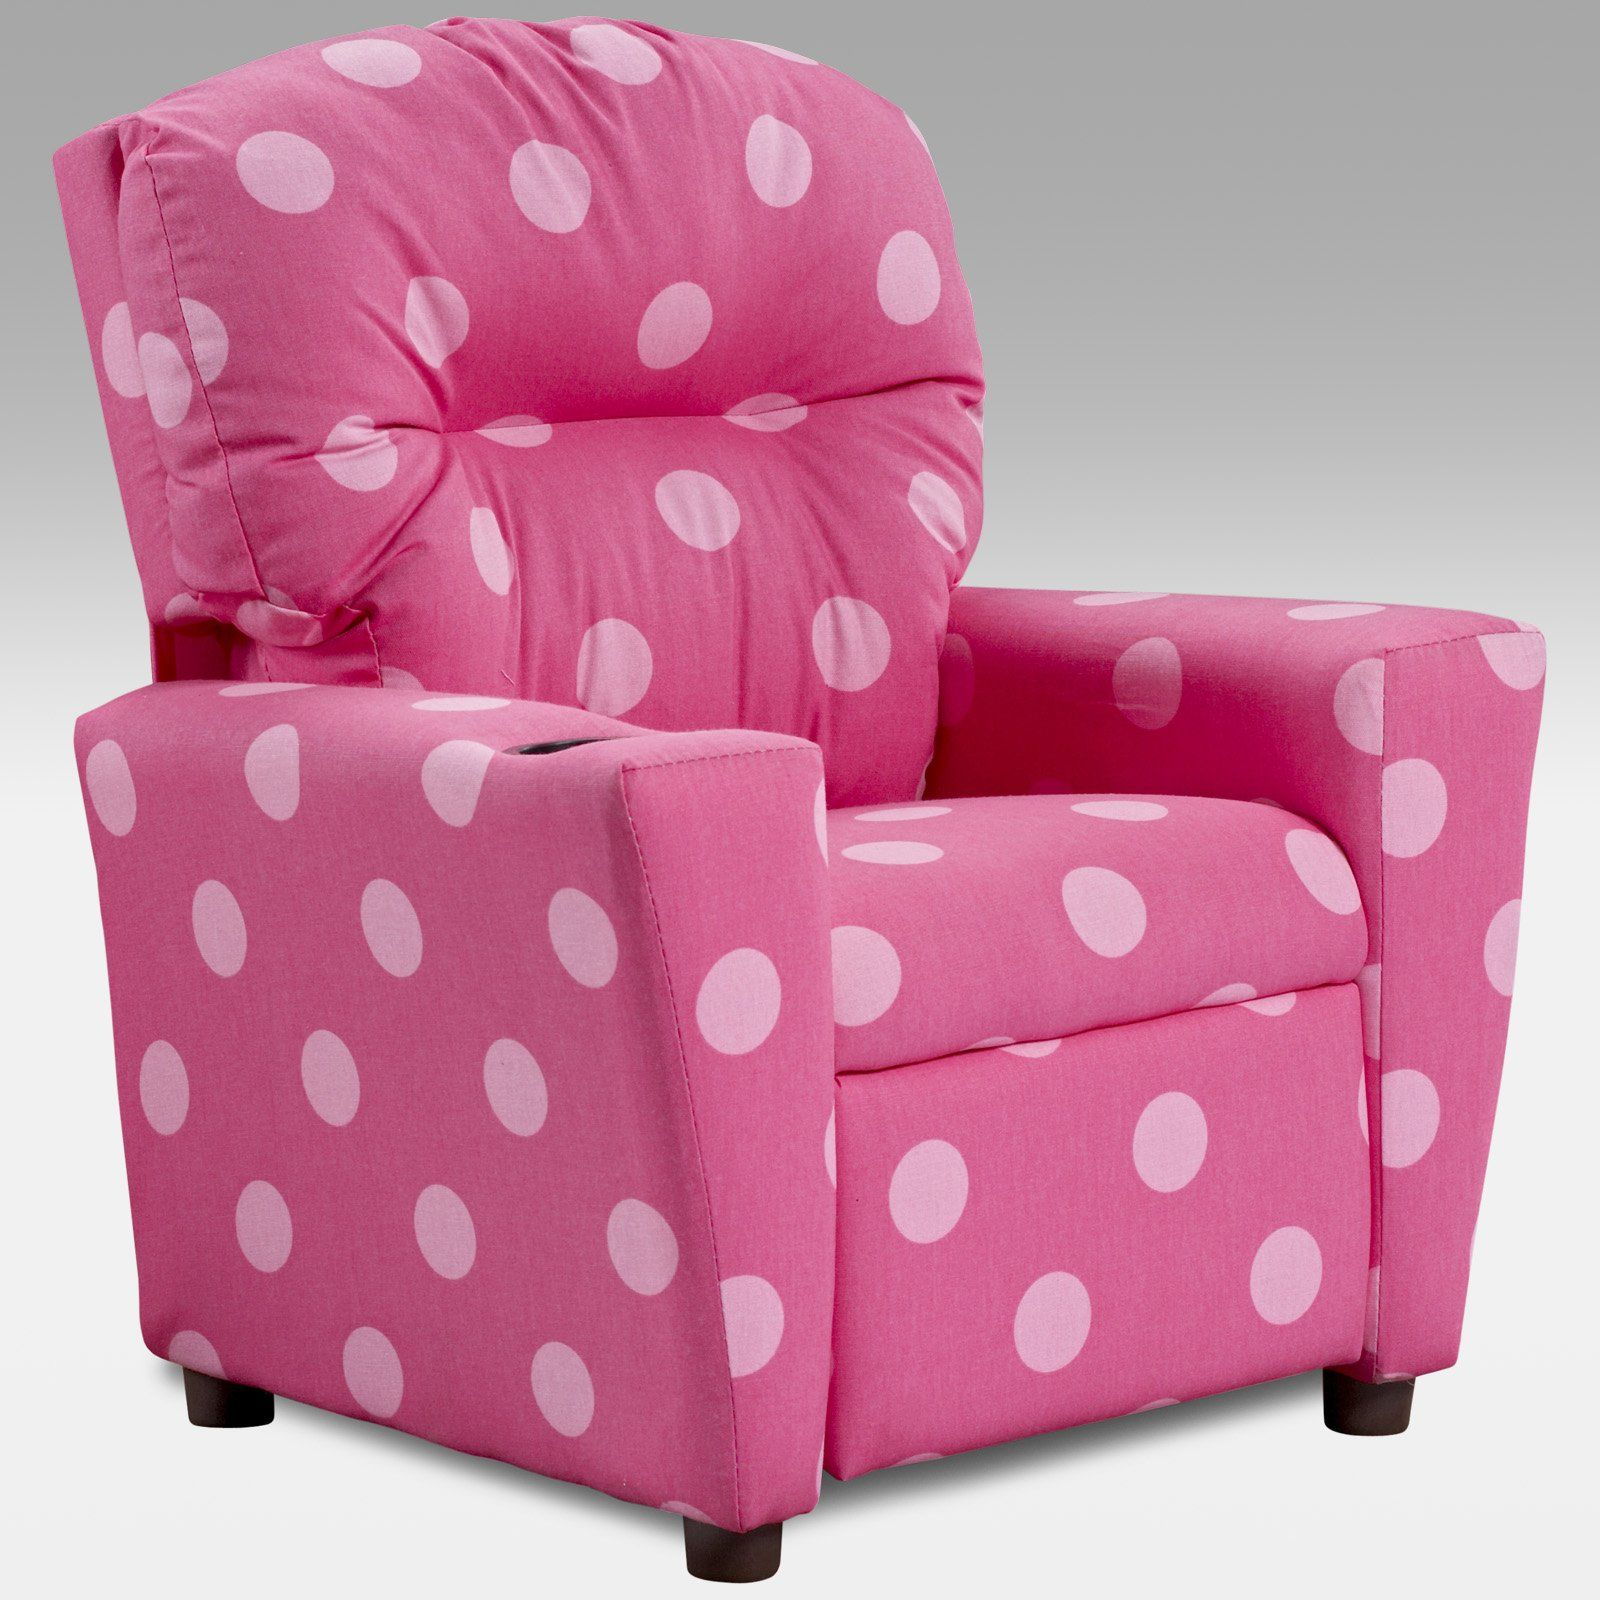 Scooby Doo Chair Linen Chairs Best 25 43 Kids Recliner Ideas On Pinterest